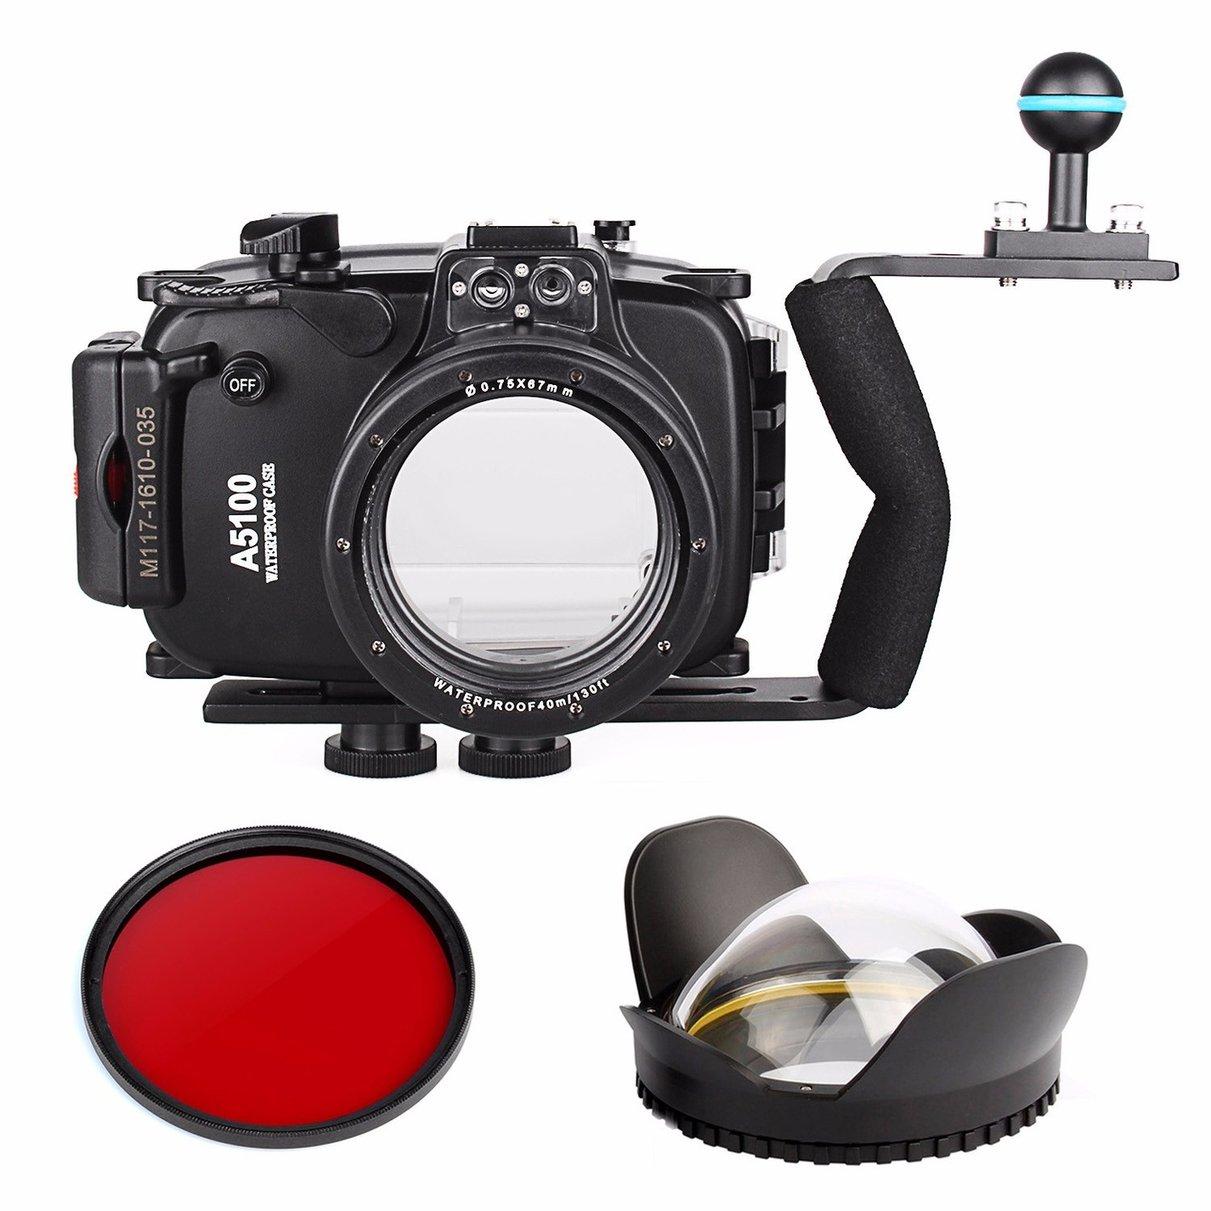 40 м 130ft Водонепроницаемый подводный Камера Корпус сумка для sony A5100 16-50 мм объектив + Дайвинг ручка + рыбий глаз + красный фильтр